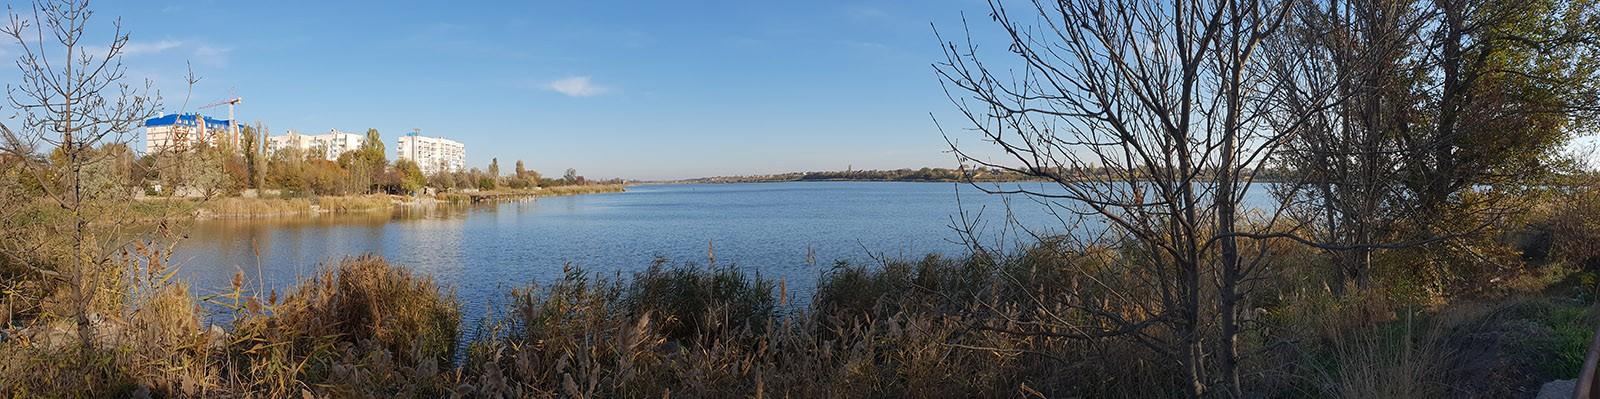 Панорама Михайловского озера в городе Саки